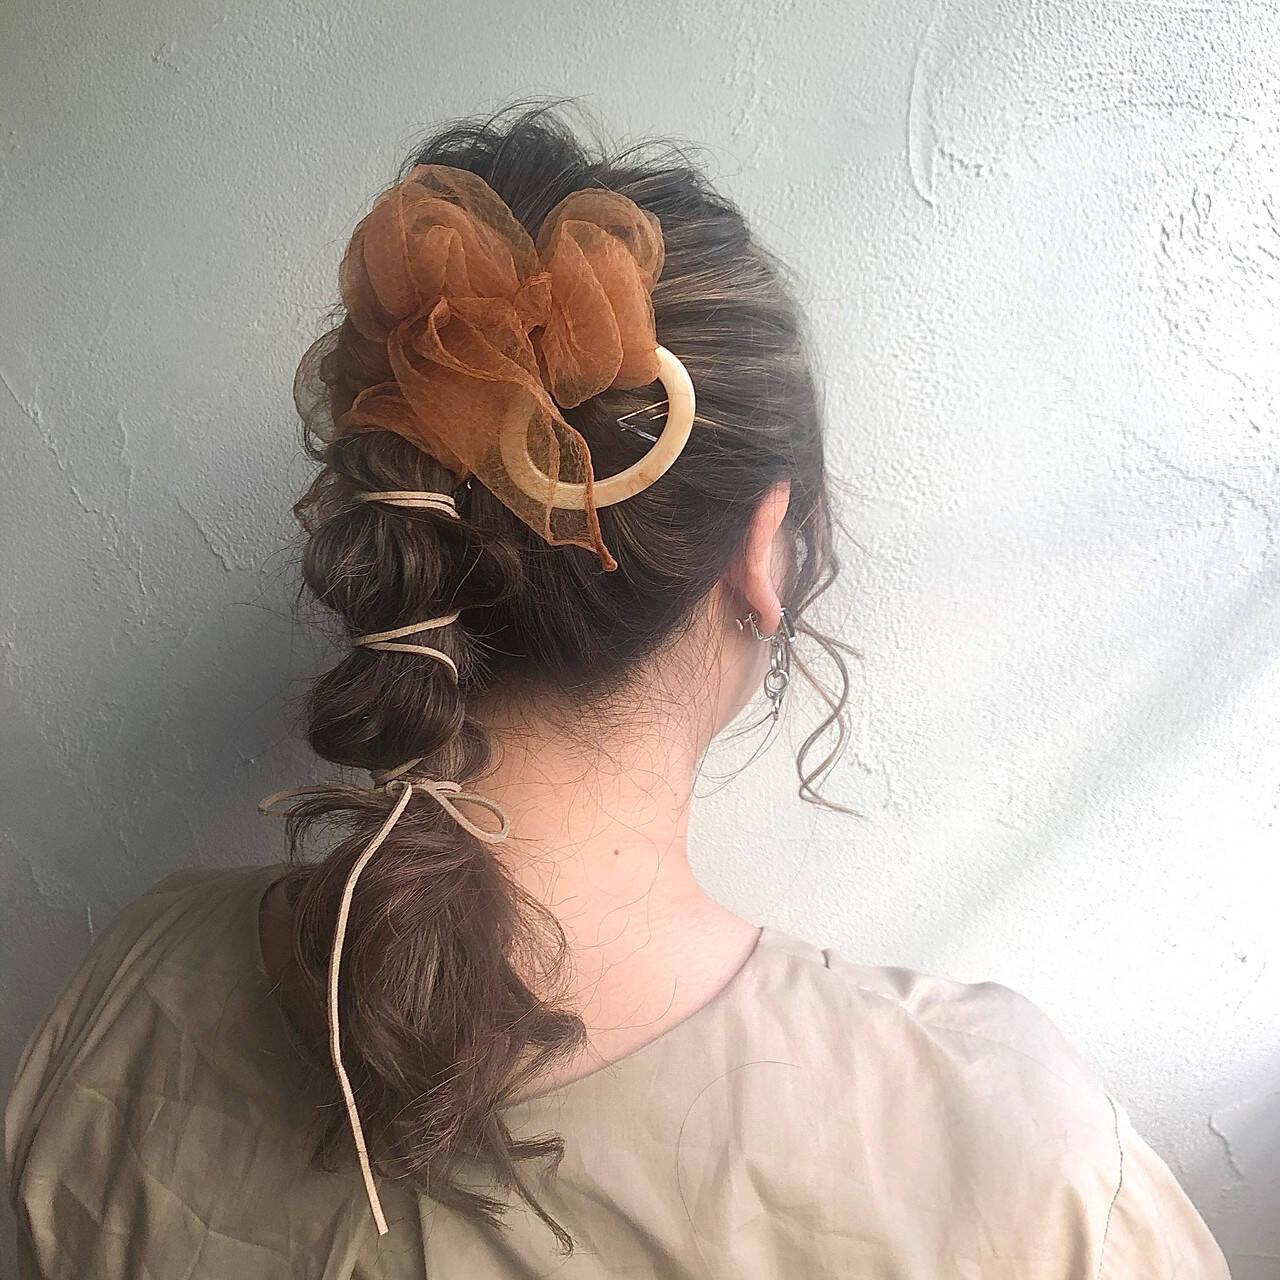 ヘアセット おしゃれ ポニーテールアレンジ フェミニンヘアスタイルや髪型の写真・画像